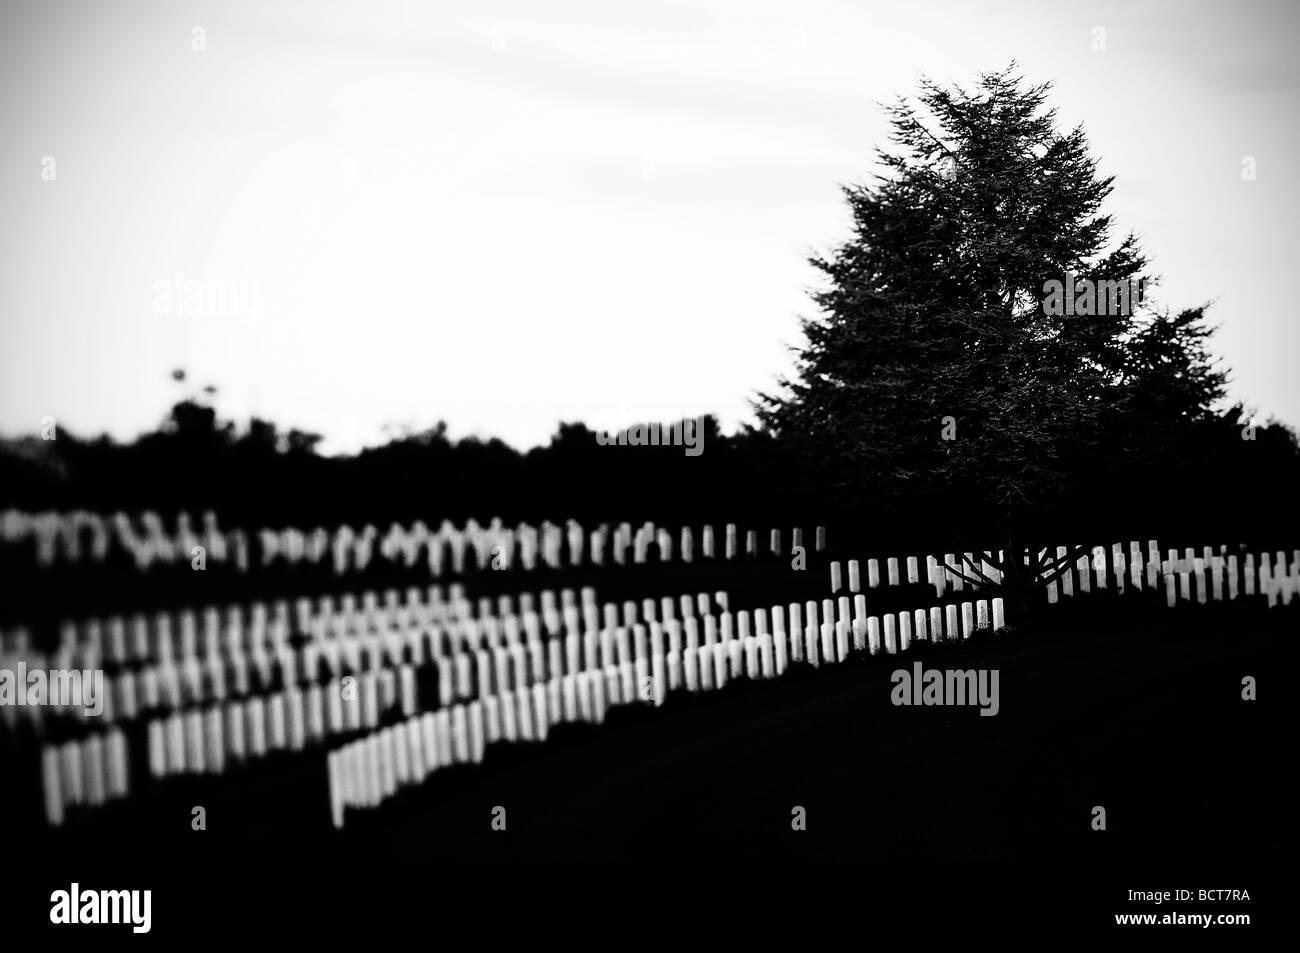 British cimitero militare di torino di sangro, Italia Immagini Stock